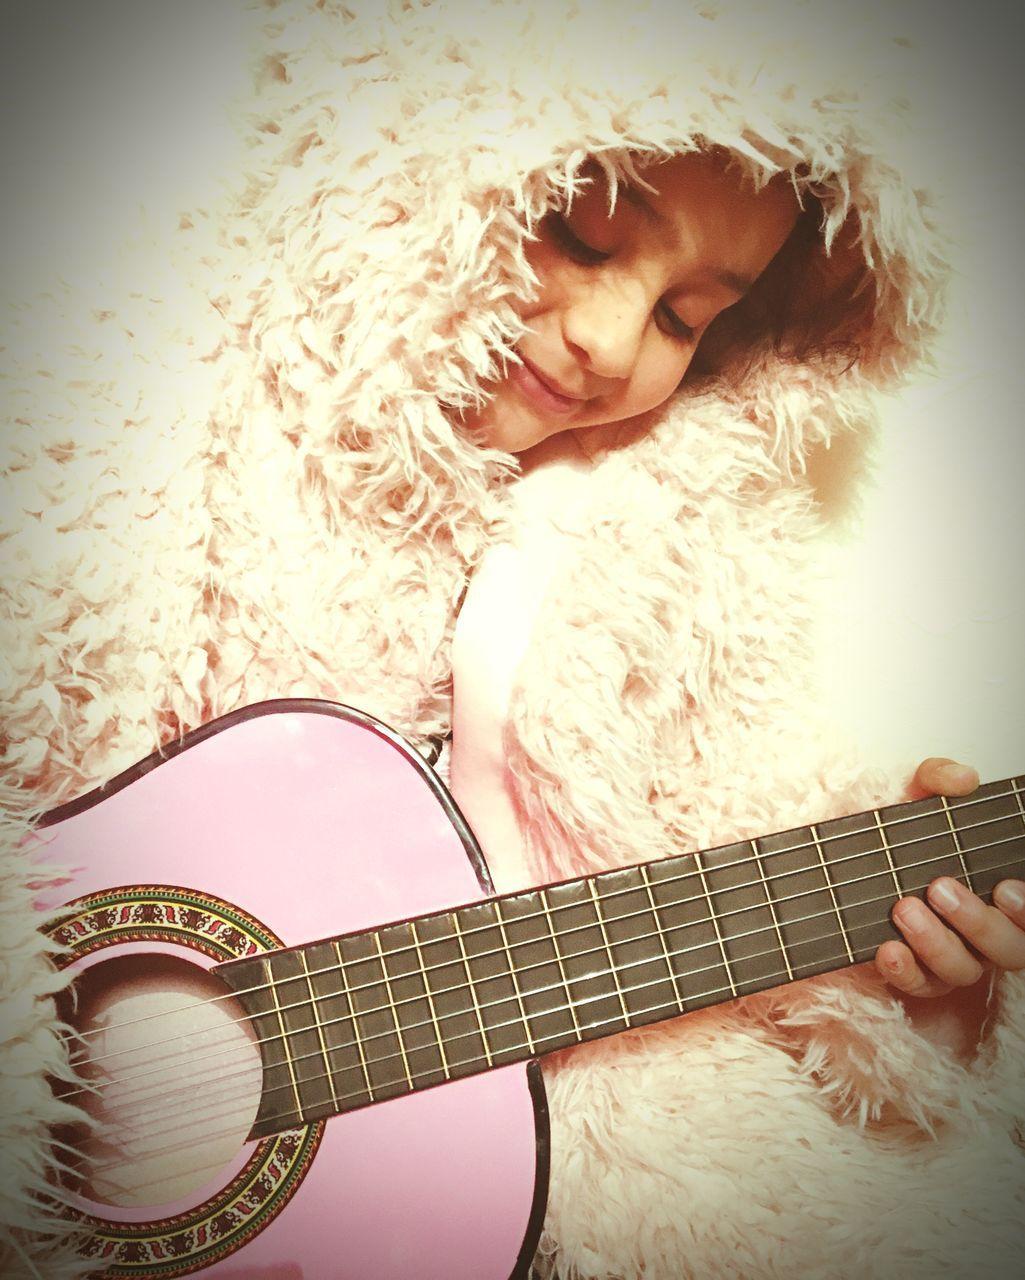 Girl Playing Guitar While Wearing Fur Jacket